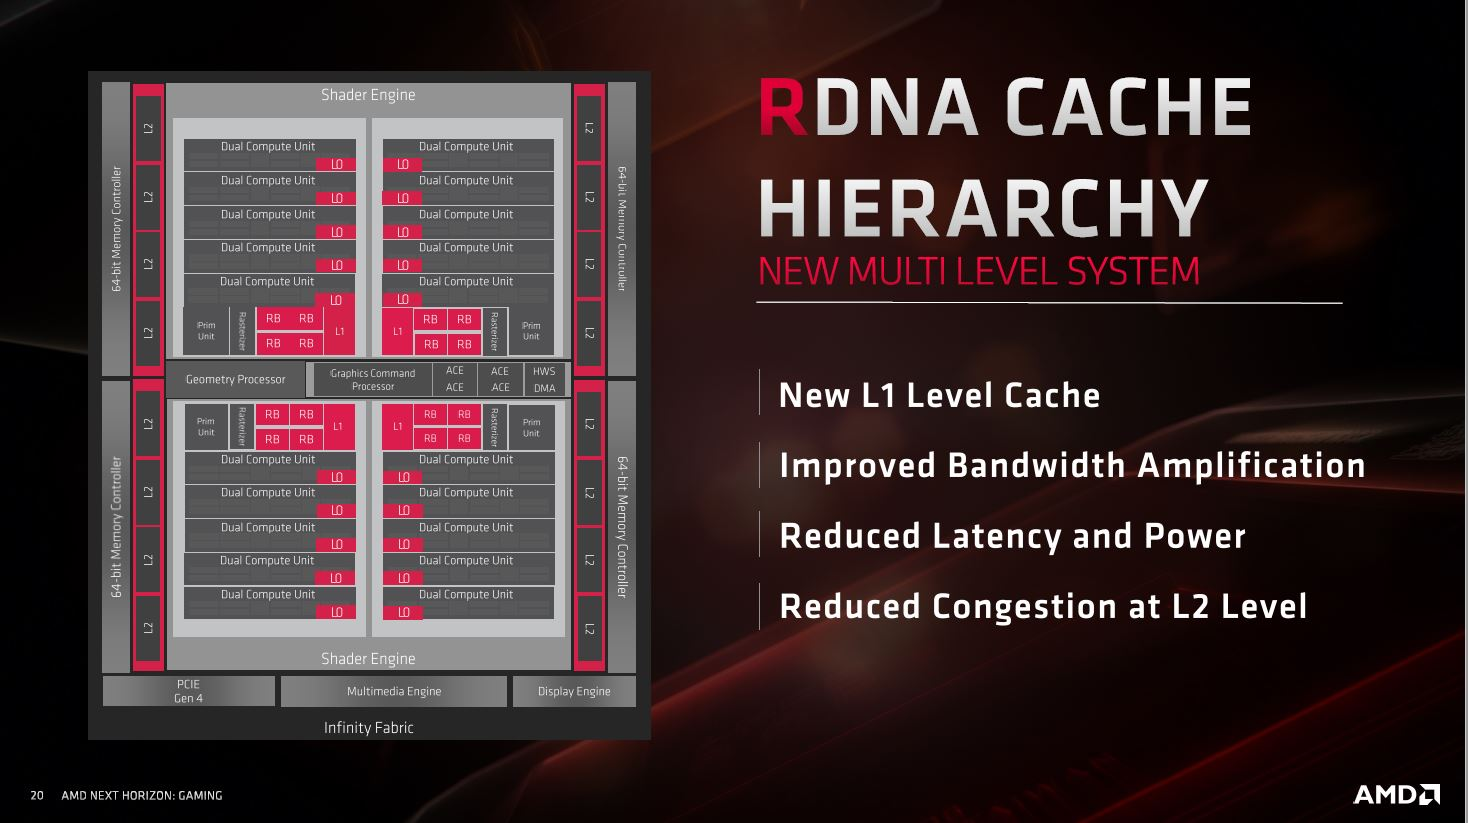 AMD Radeon RX 5700 y Radeon RX 5700 XT, un paso en la dirección correcta 35